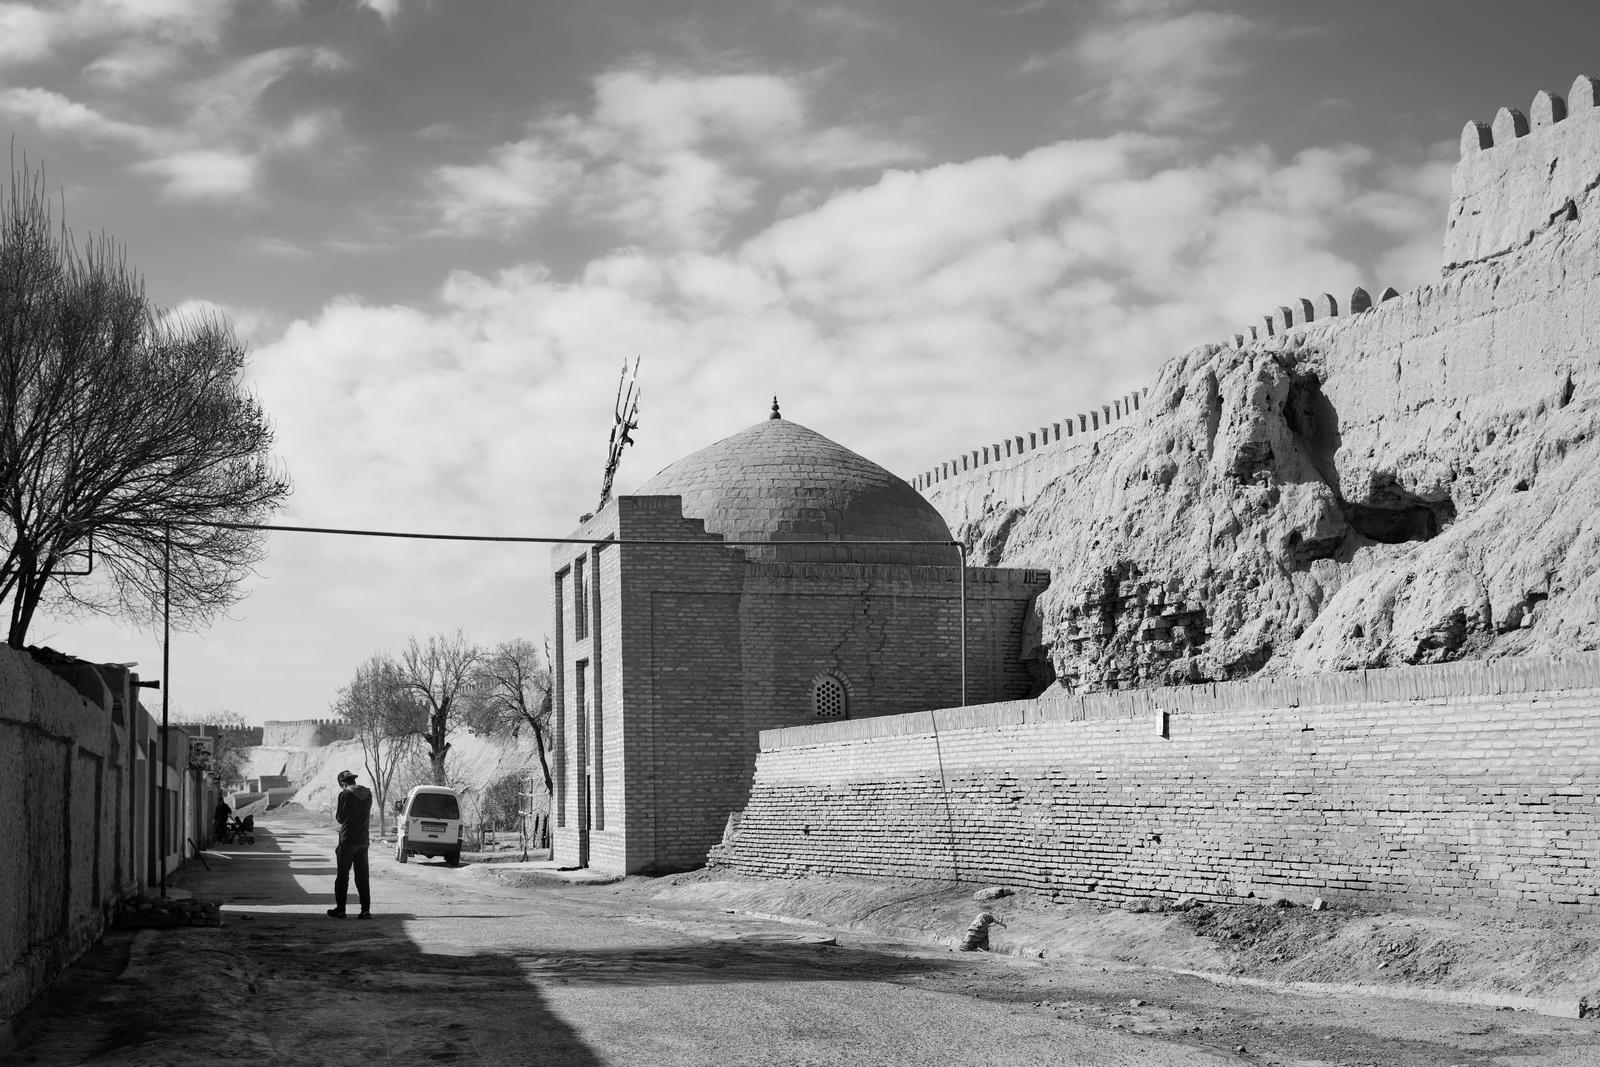 Die Stadtmauer von Xiva